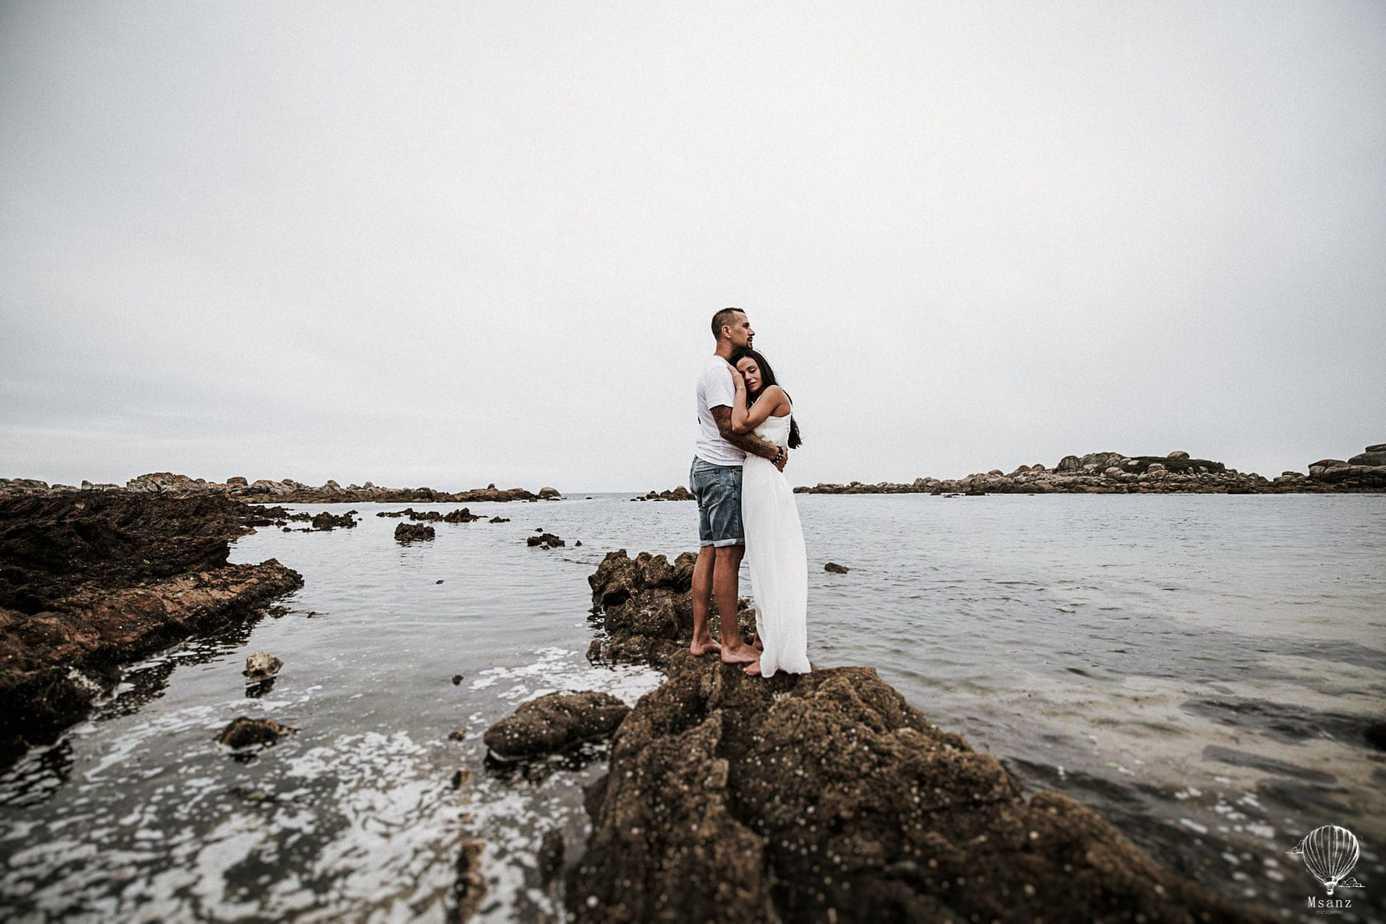 Msanz Photographer- Fotografo de Bodas Pontevedra-fotografodebodas vigo, fotografo de bodas ferrol, fotografo bodas galicia